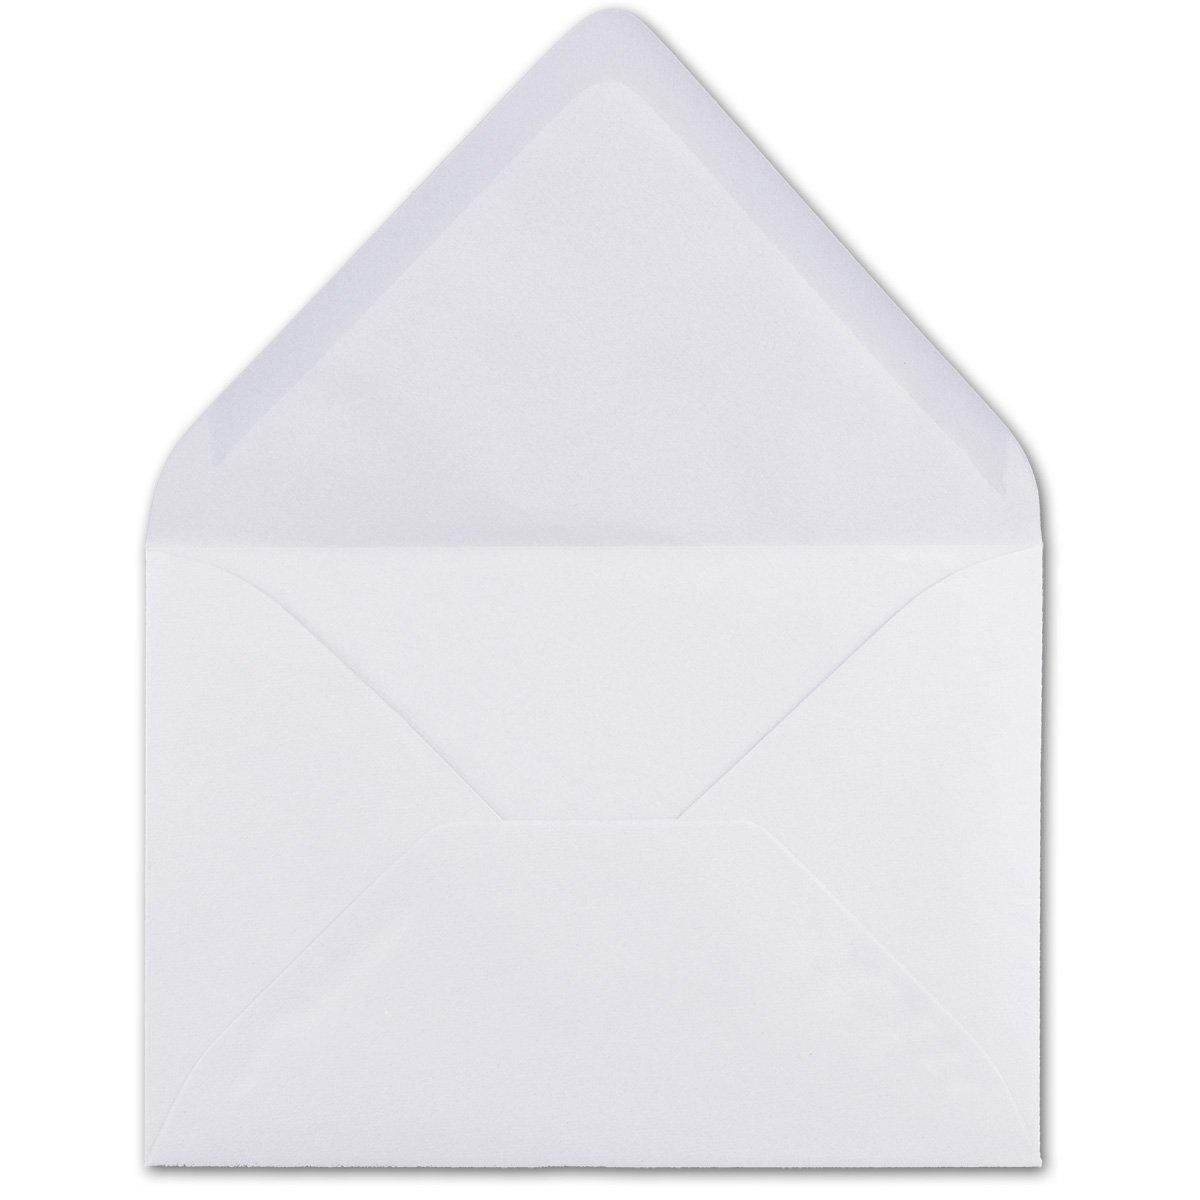 Brief-Umschläge in Nachtblau   150 Stück     DIN C5 KuGrüns 220 x 154 mm - Nassklebung ohne Fenster - Weihnachten, Grußkarten   Serie FarbenFroh® B07BPTP31Z Grukarten & Einladungsumschlge Gesunder Rhythmus 4a2d45